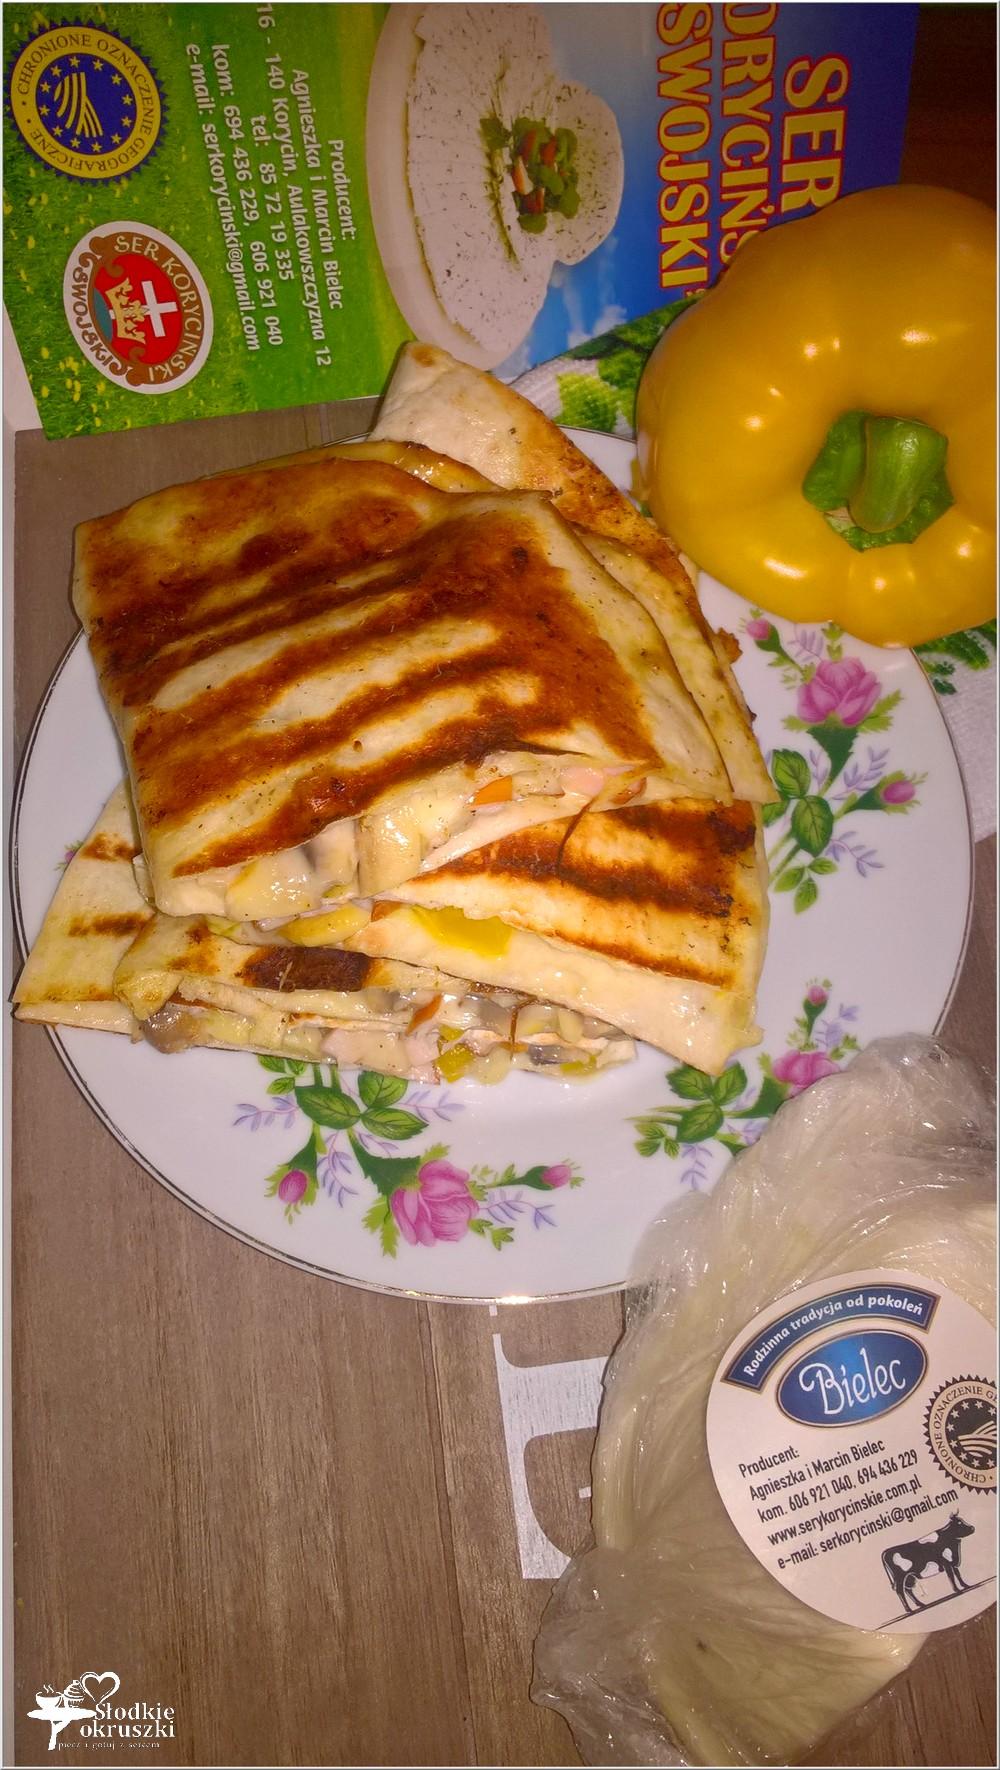 Grillowane tortille z serem korycińskim, kurczakiem i pieczarkami (1)